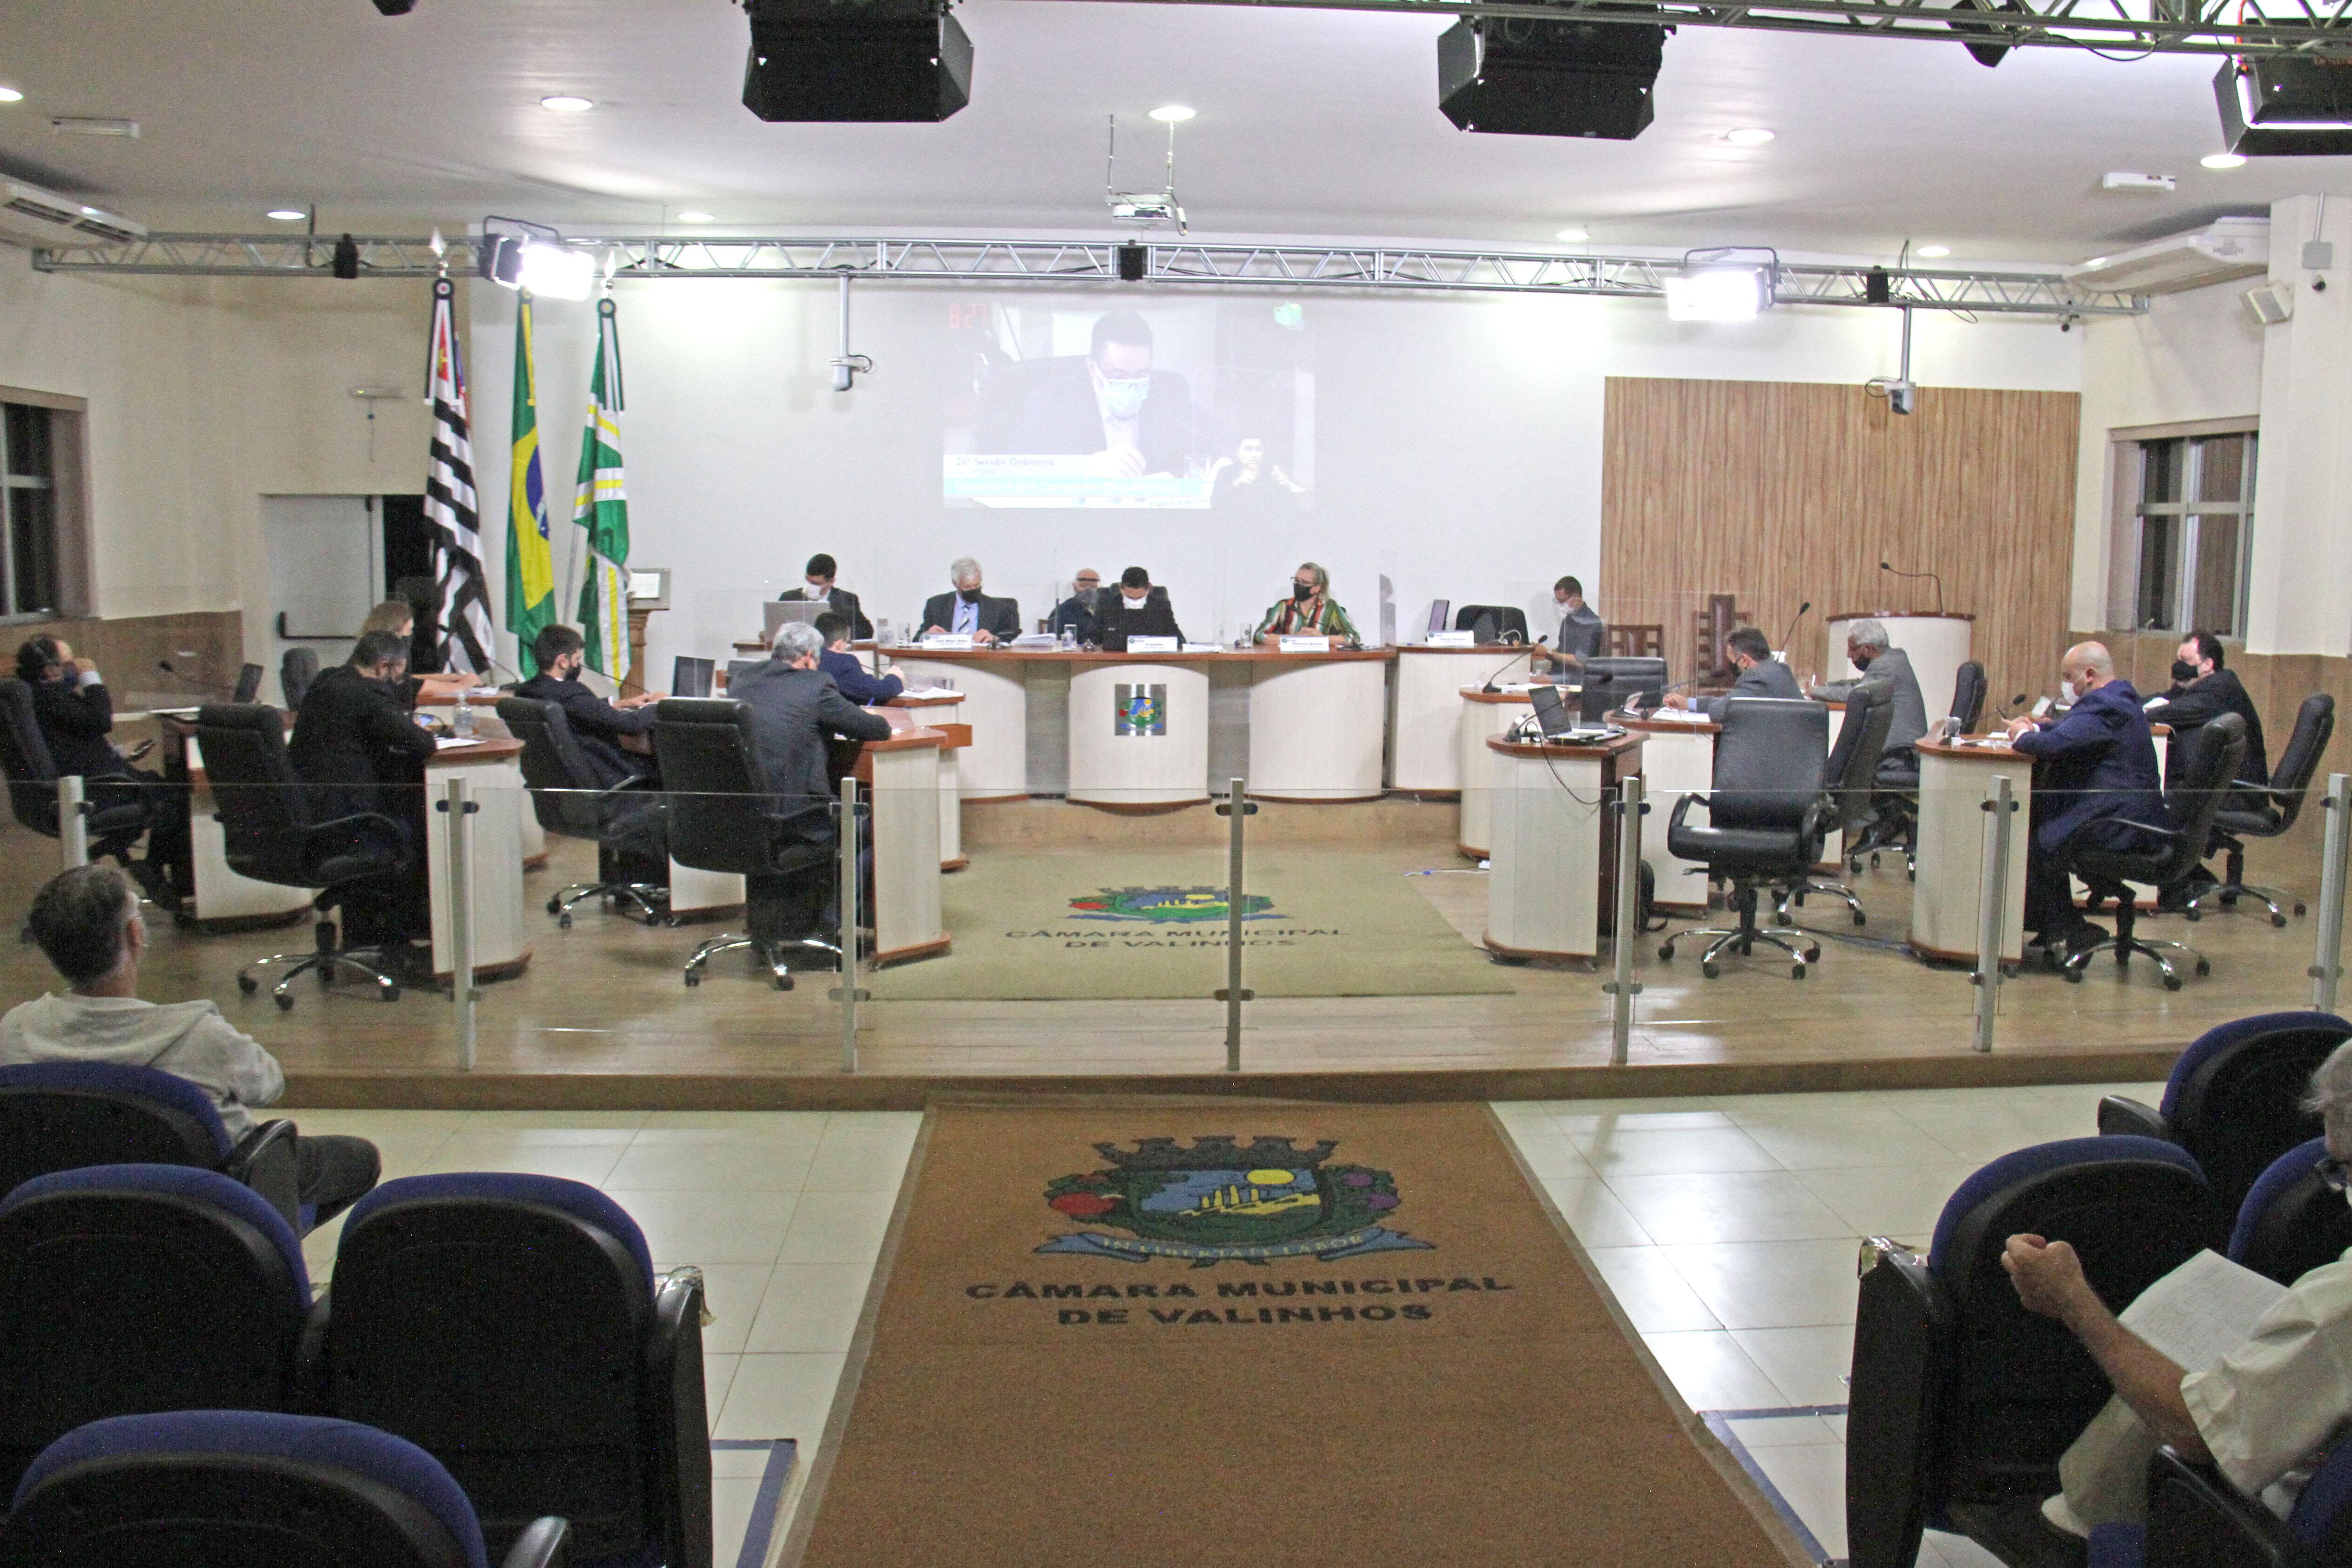 #PraCegoVer: Foto mostra o plenário da Câmara com os vereadores sentados em seus lugares